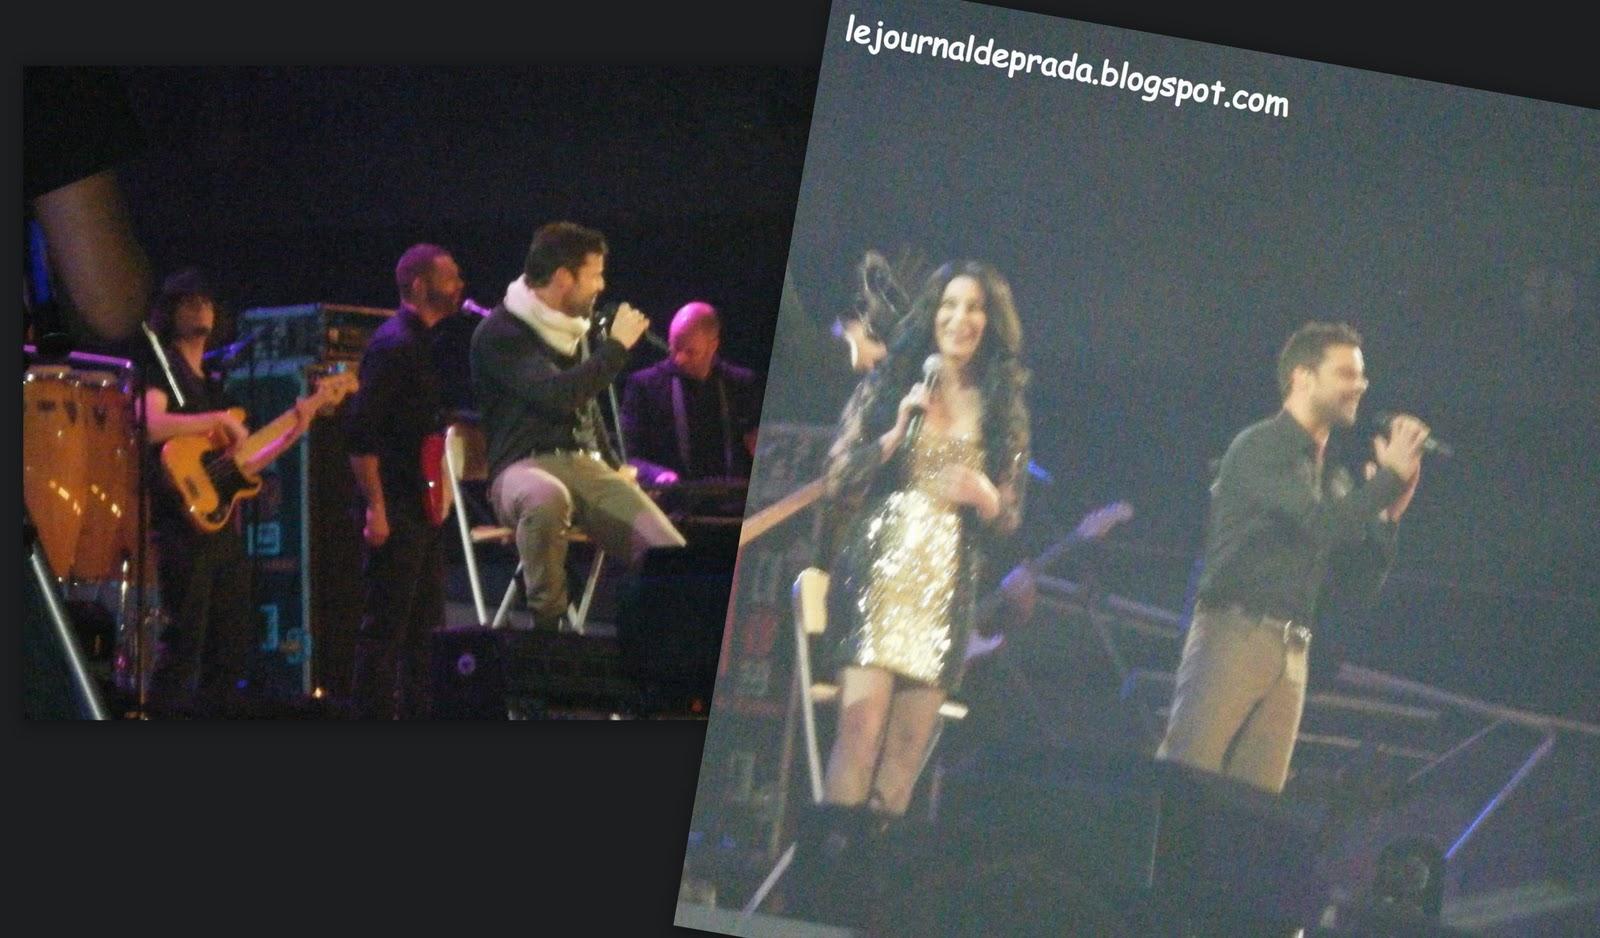 http://4.bp.blogspot.com/_bn9i-ElGTLs/TRD5hvYGBBI/AAAAAAAAANM/dFMWJQNkr-I/s1600/gala+premios+40+pp2.jpg